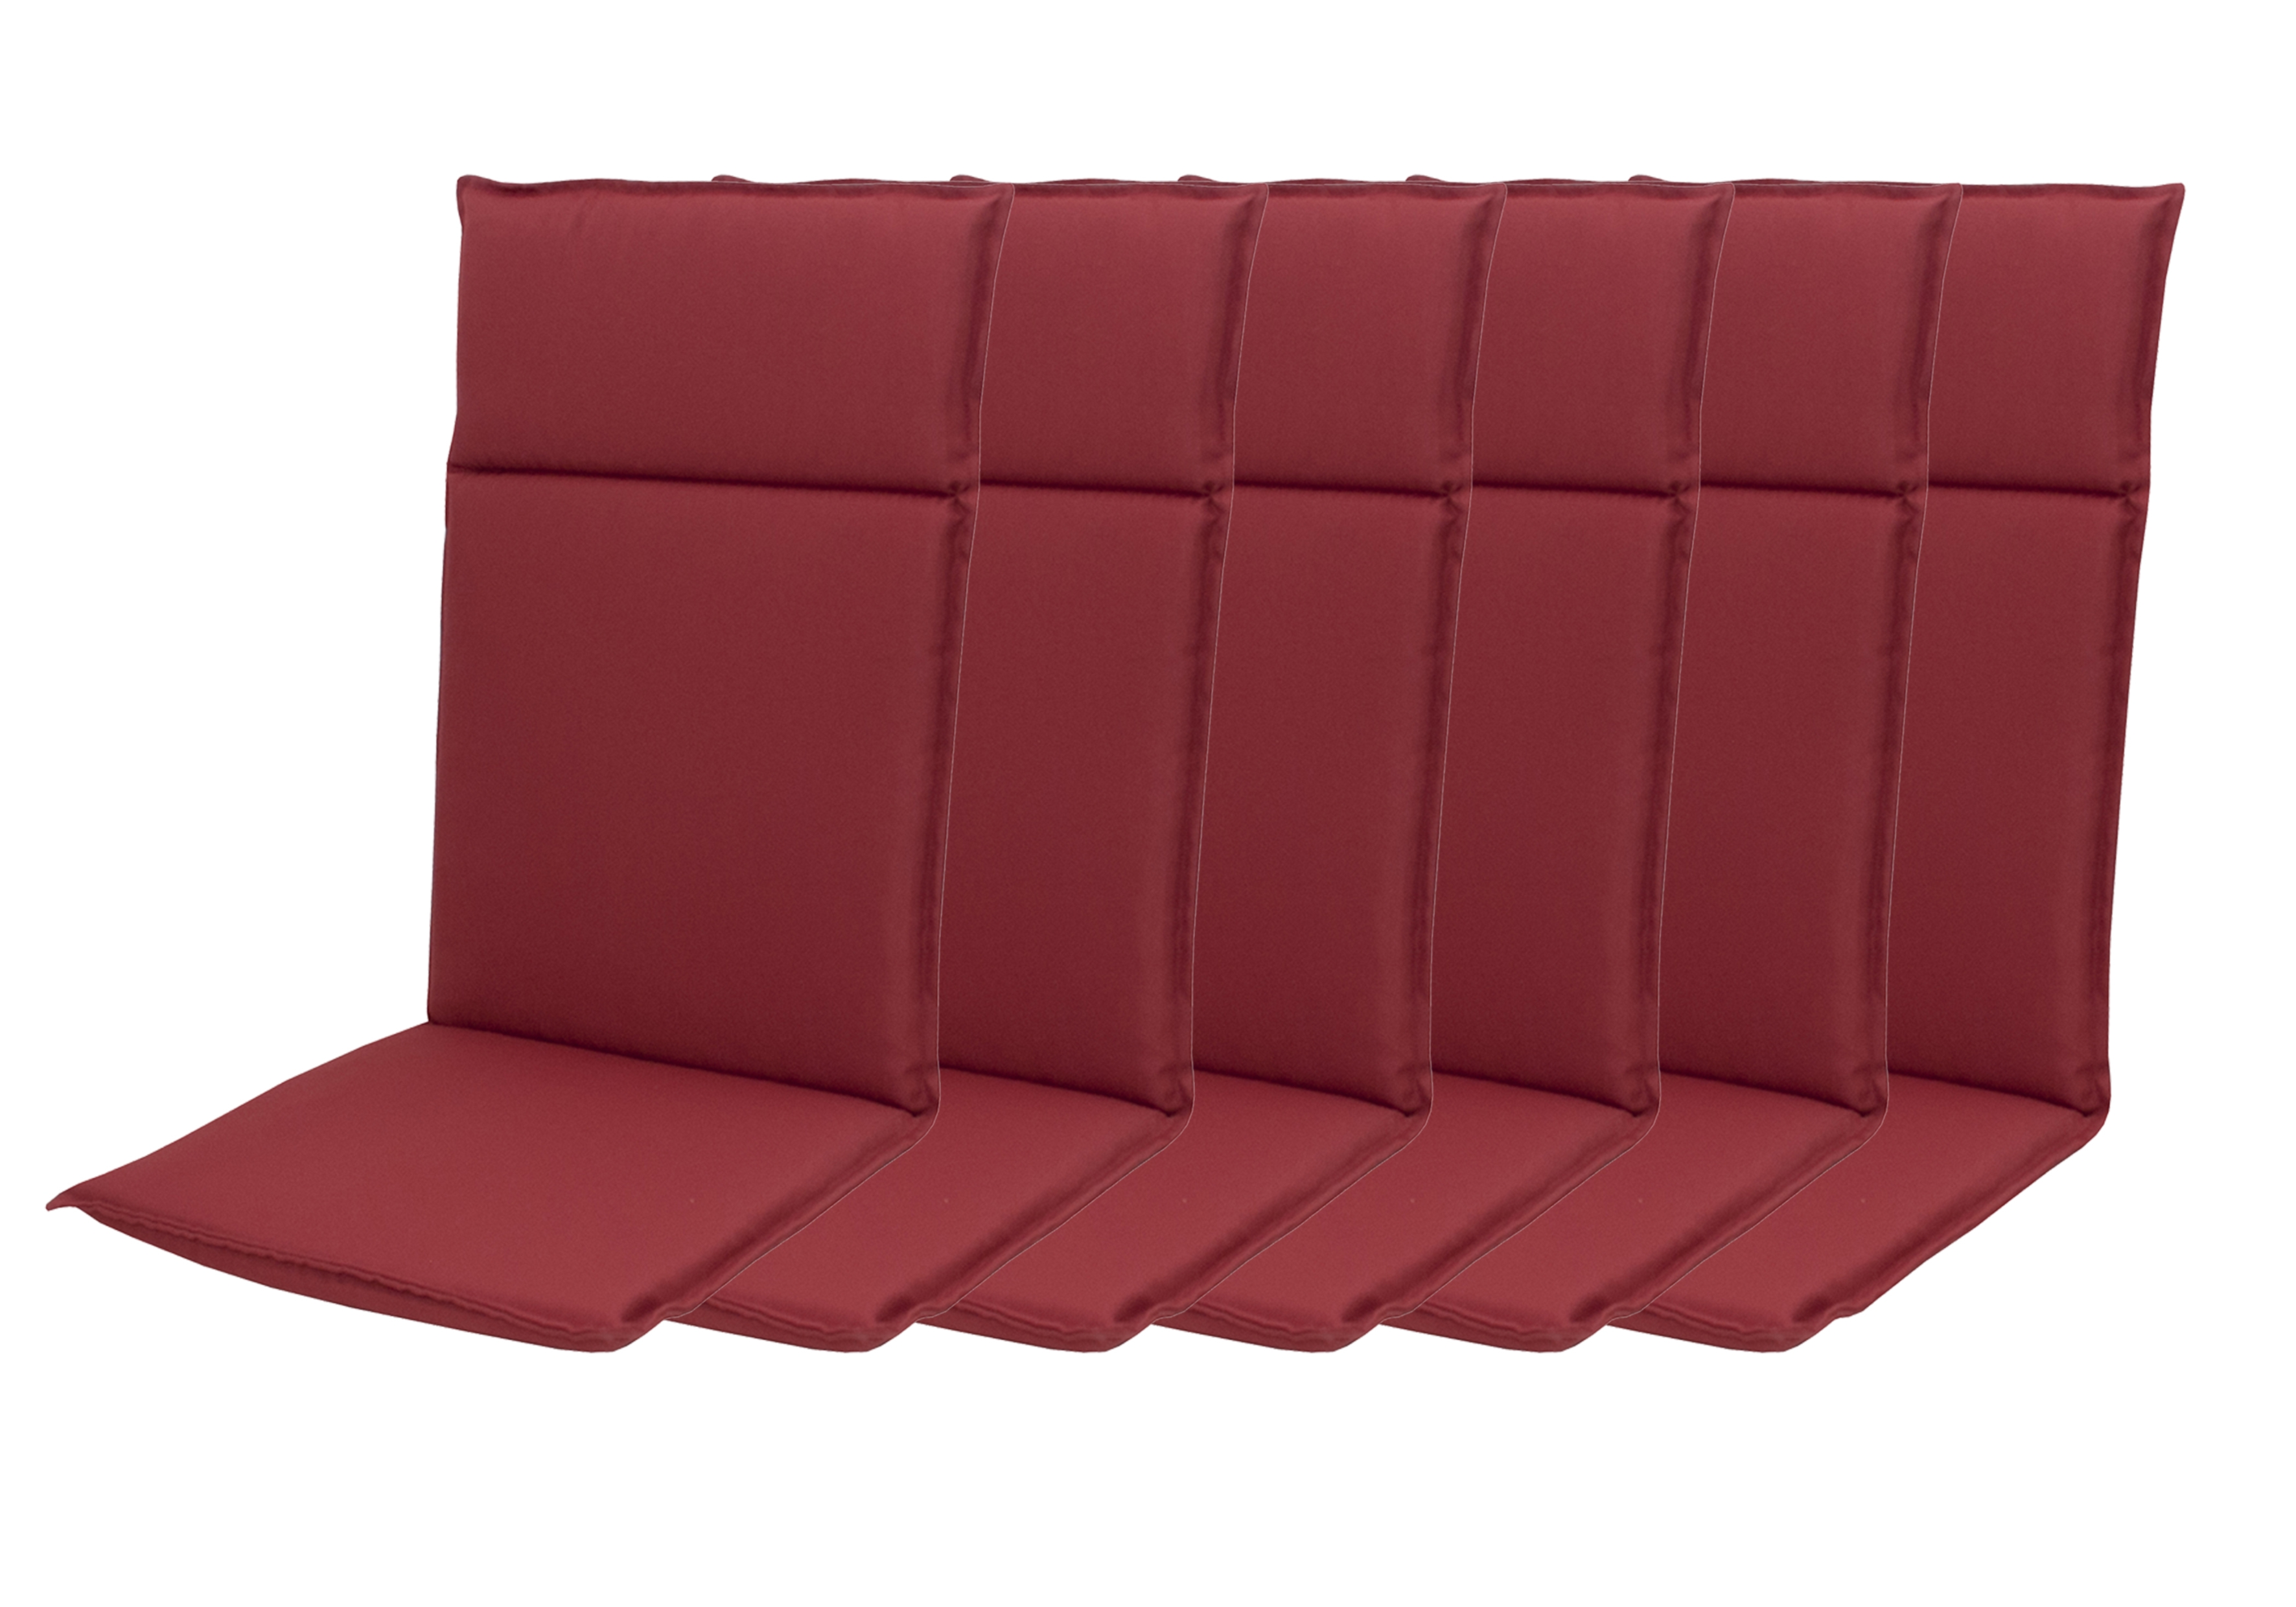 HIT UNI 8833 vysoký - set 6ks – polstr na křesla a židle